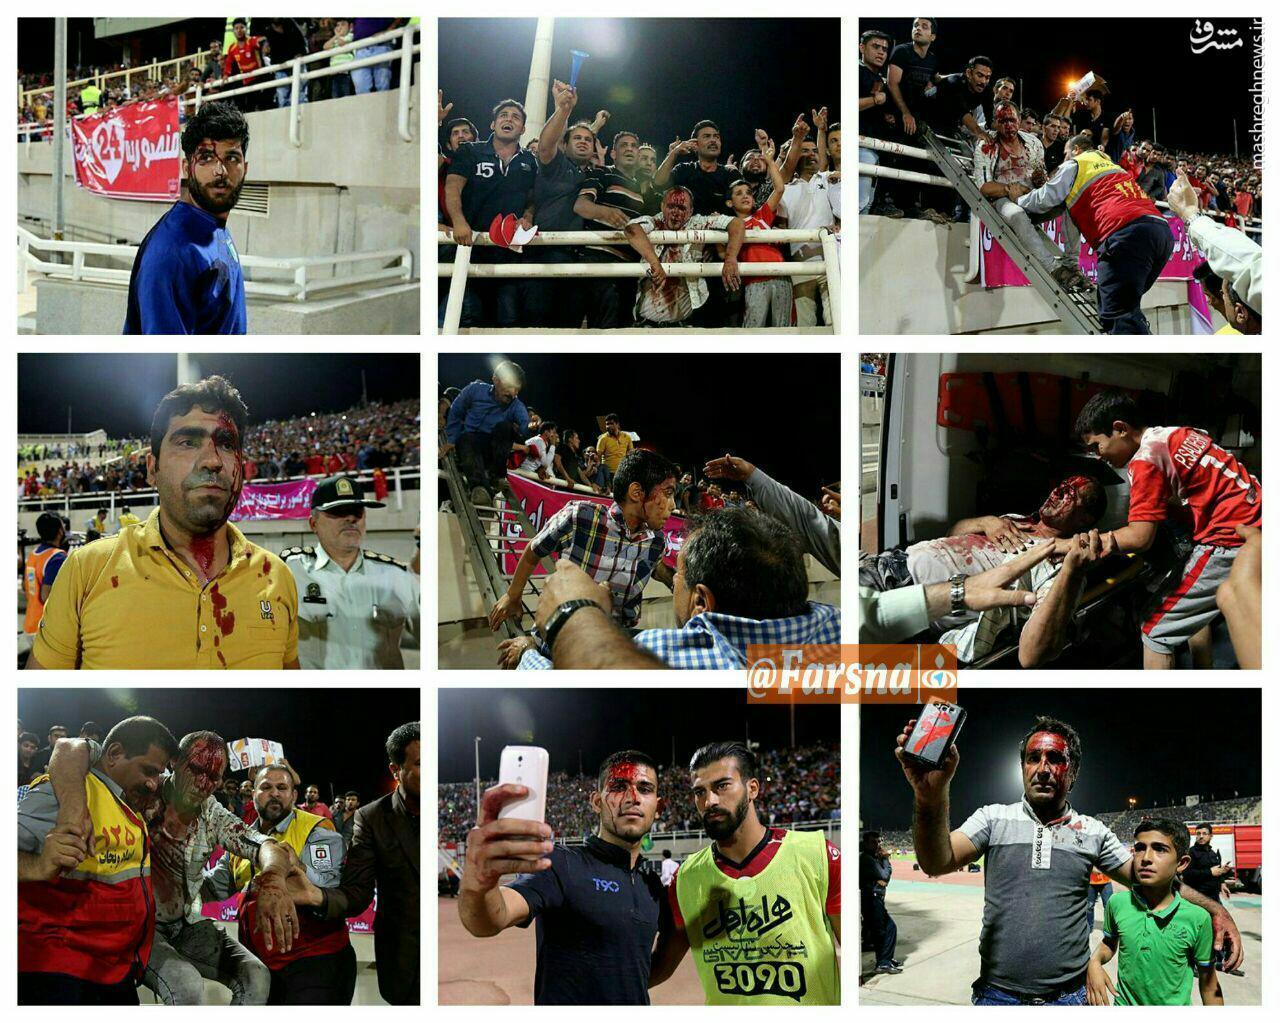 عکس/ درگیری خونین هواداران استقلال خوزستان و پرسپولیس